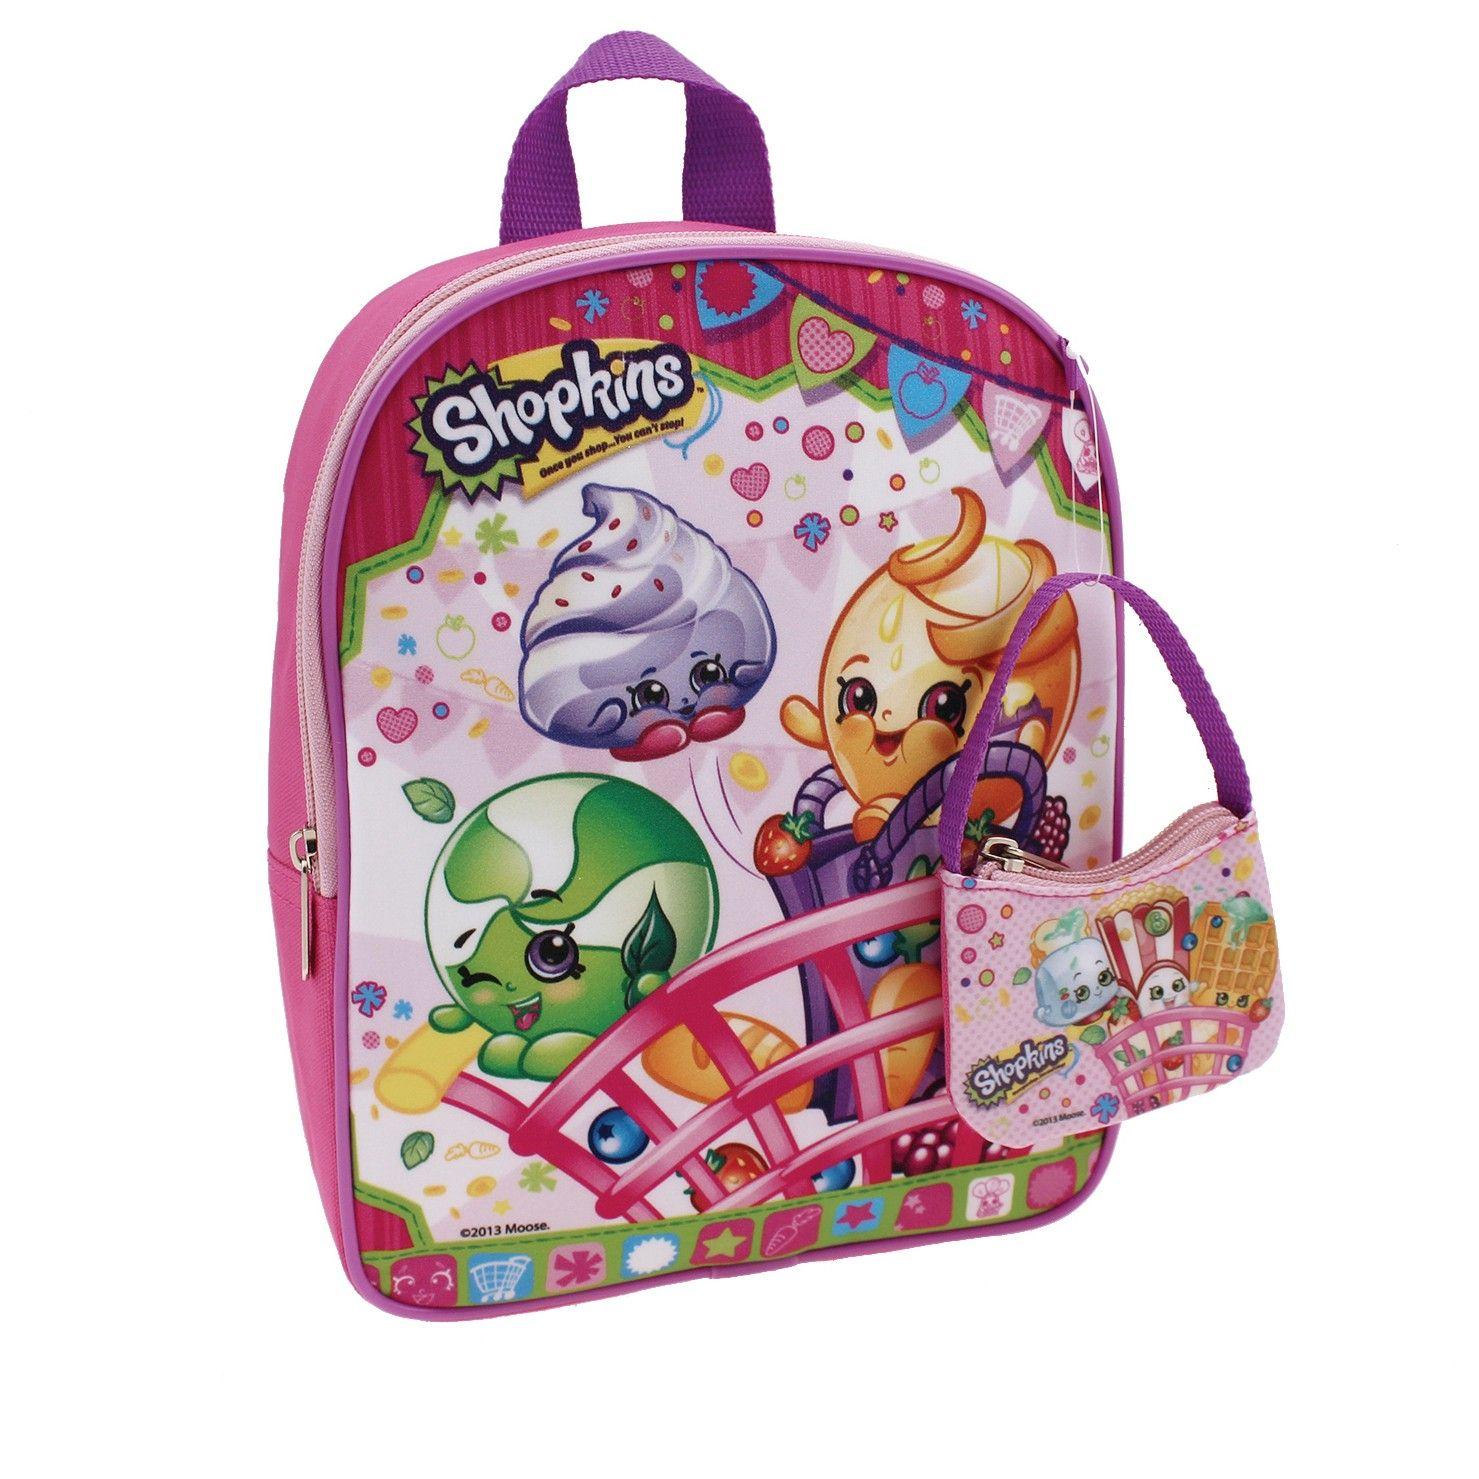 Shopkins coloring book target - Backpack Shopkins Target